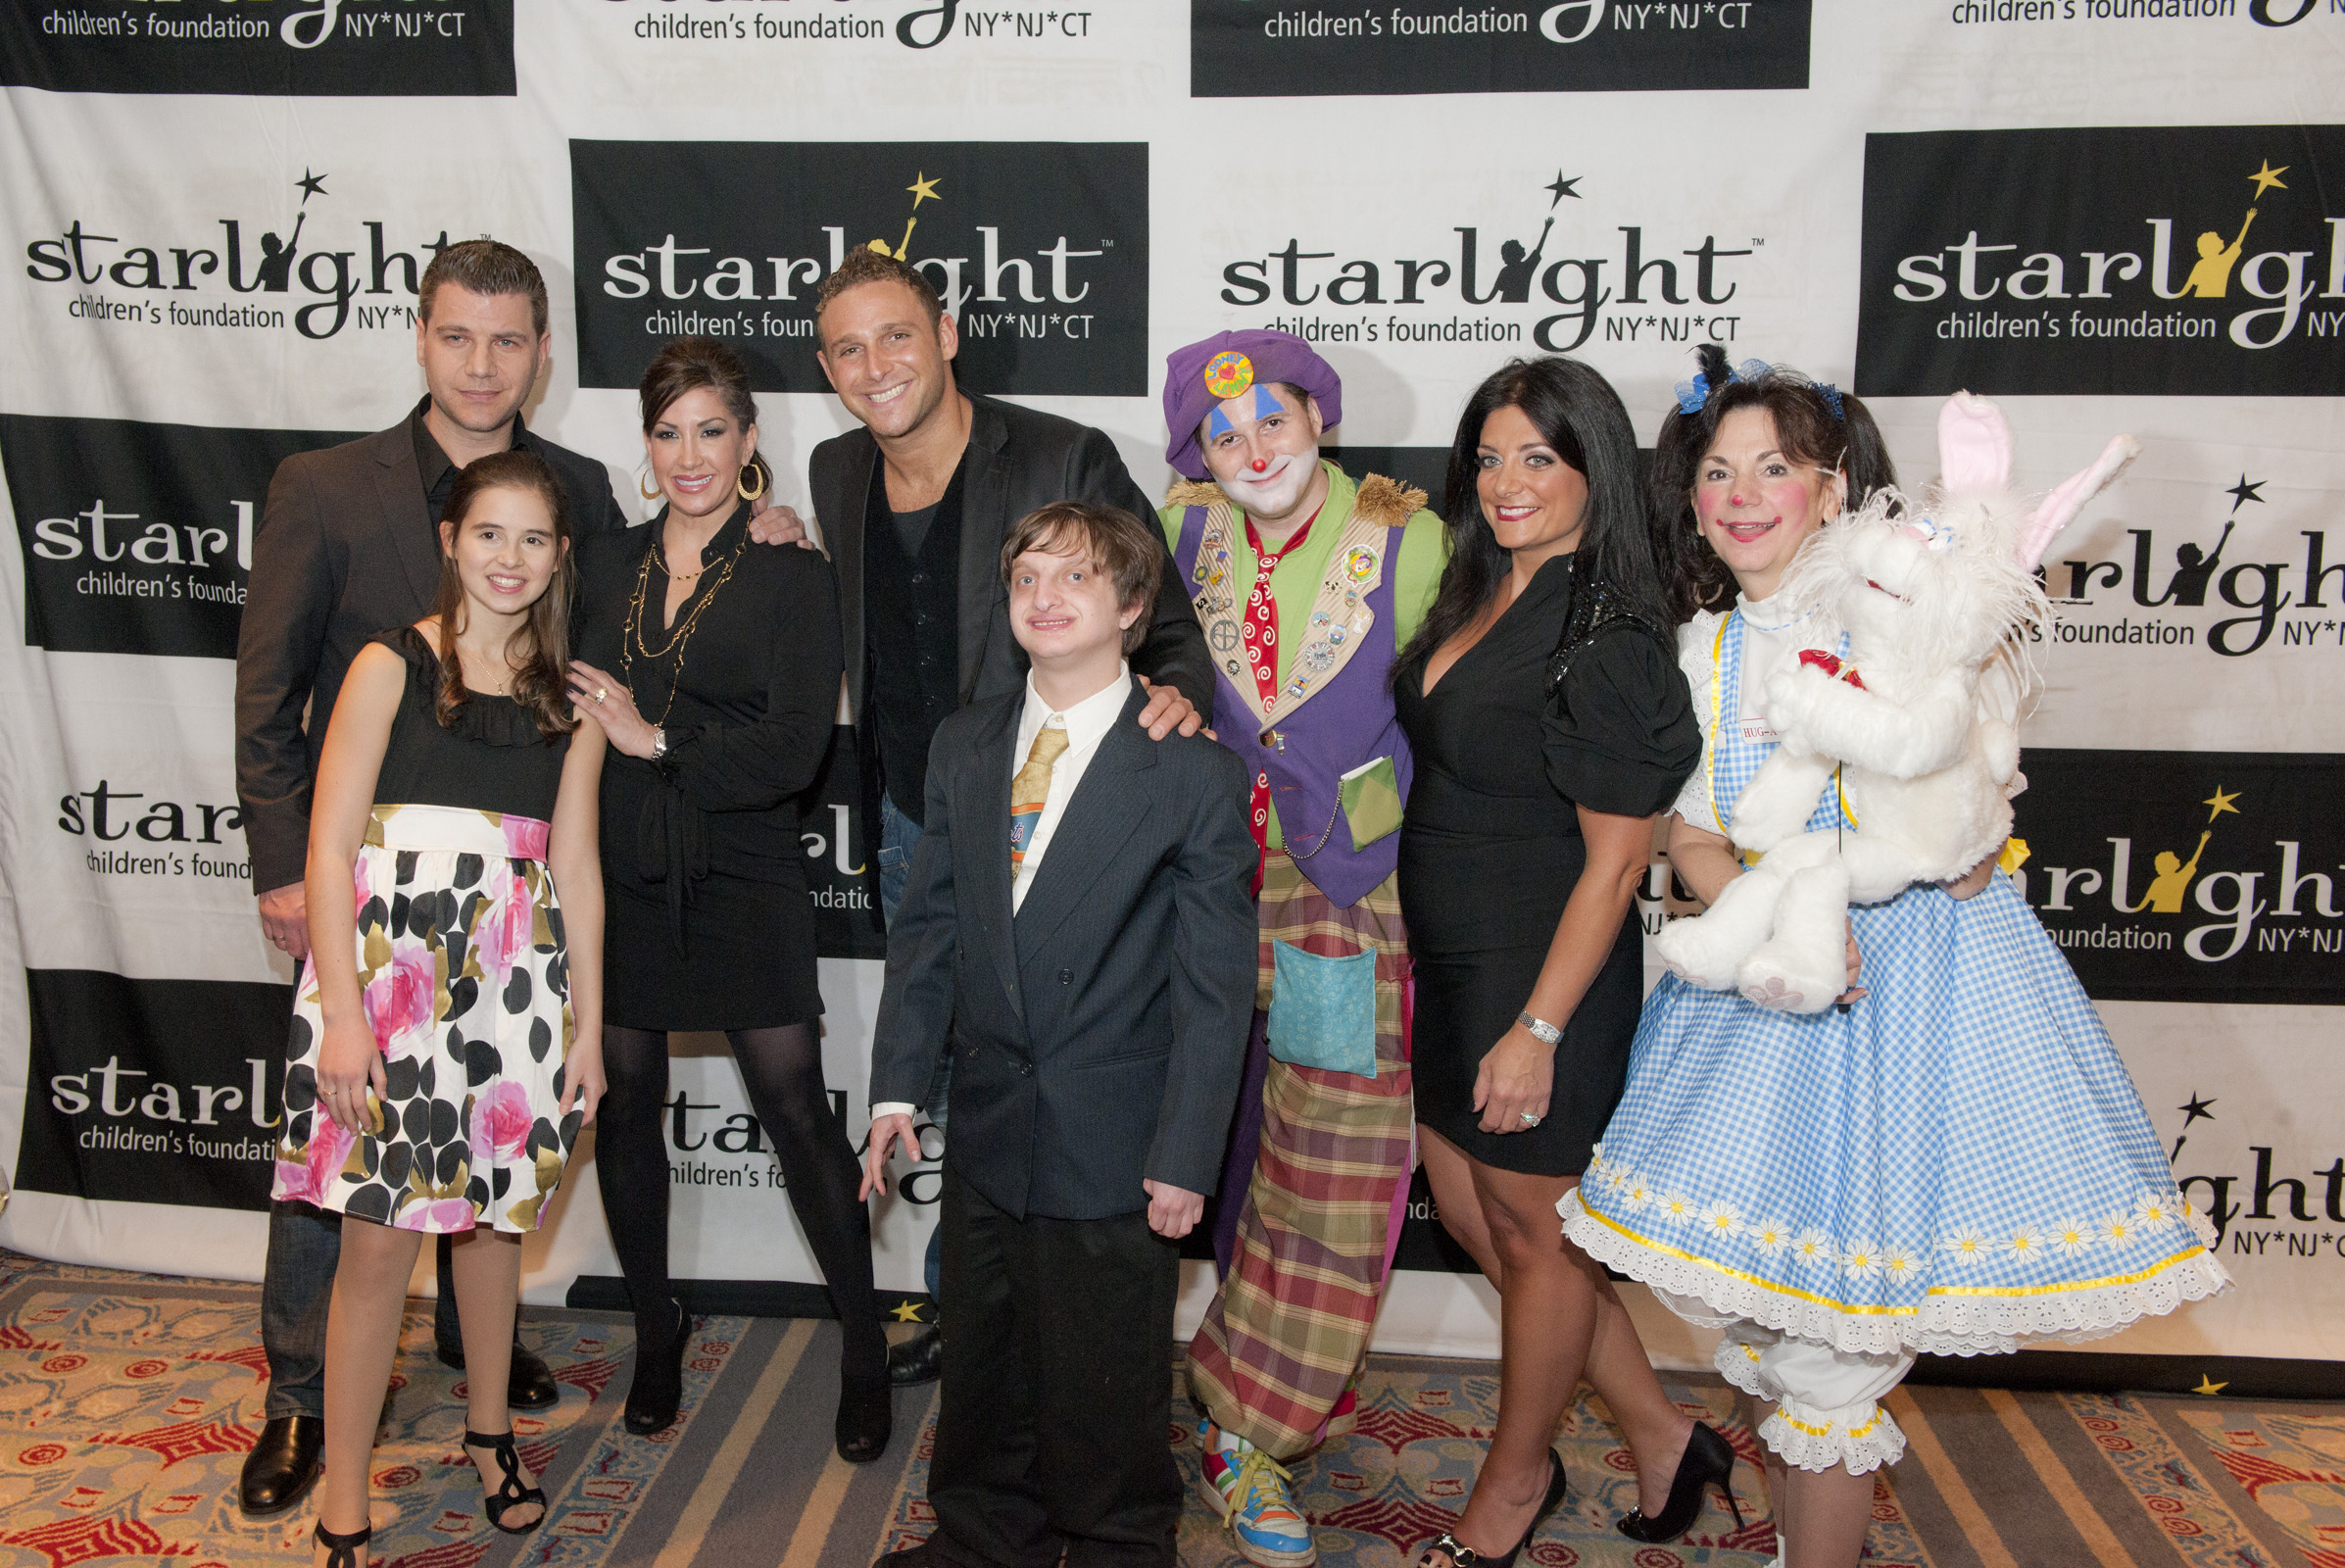 2012-03-20-Starlight.jpg